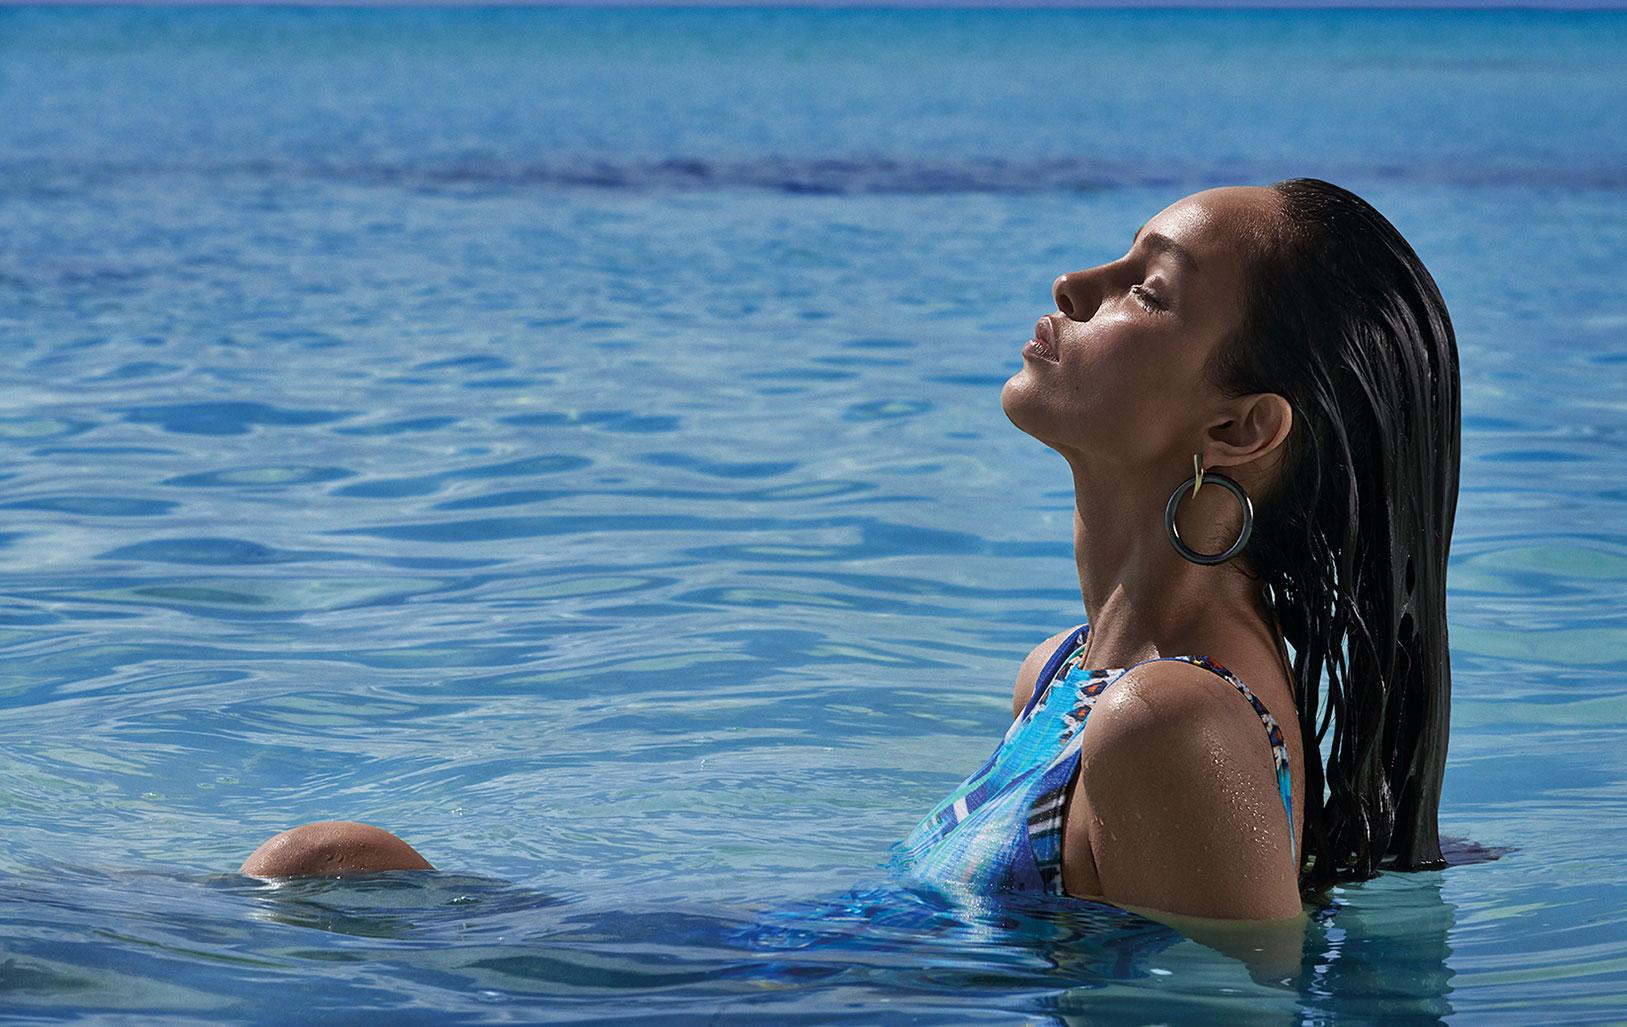 Лума Гроте в купальниках и пляжной одежде модного бренда Cia Maritima / фото 06